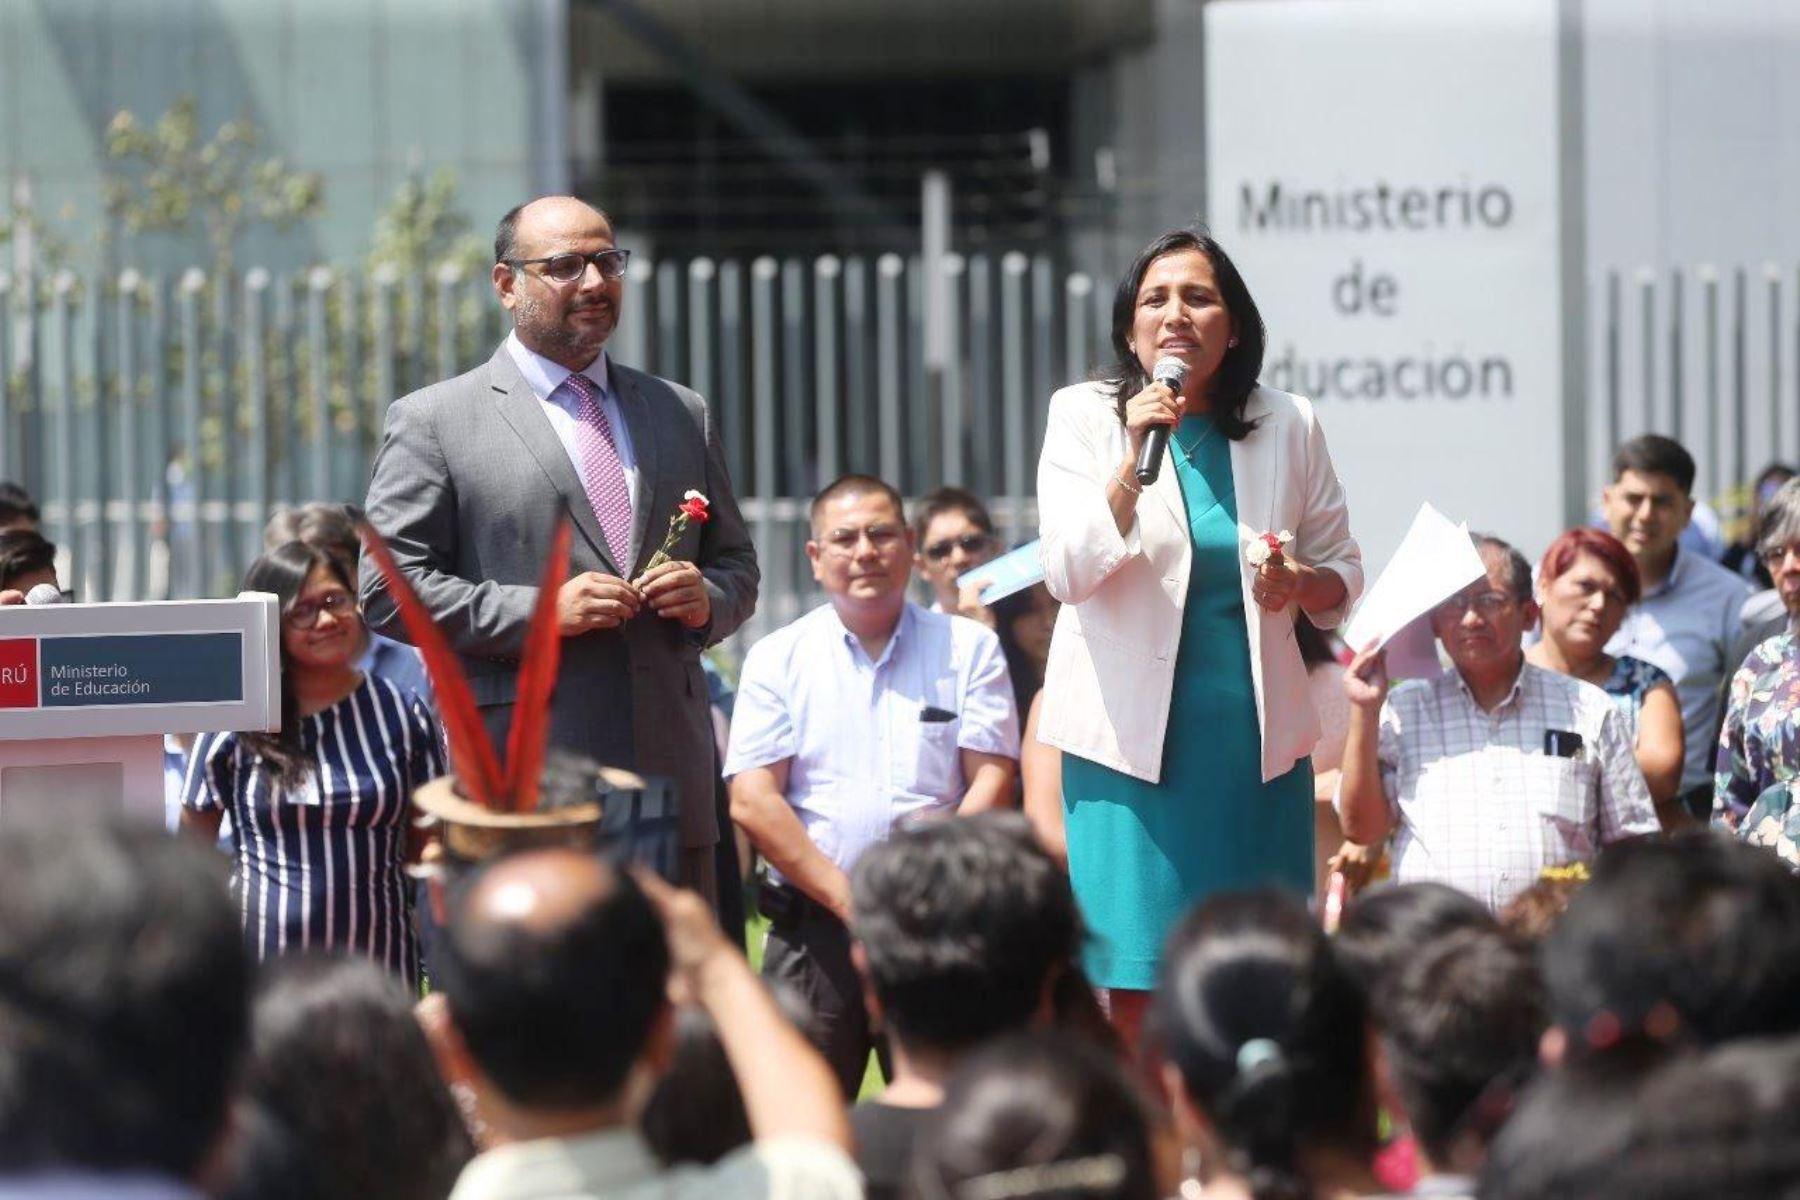 La ministra de Educación, Flor Pablo, junto a su antecesor, Daniel Alfaro. Foto: ANDINA/Difusión.